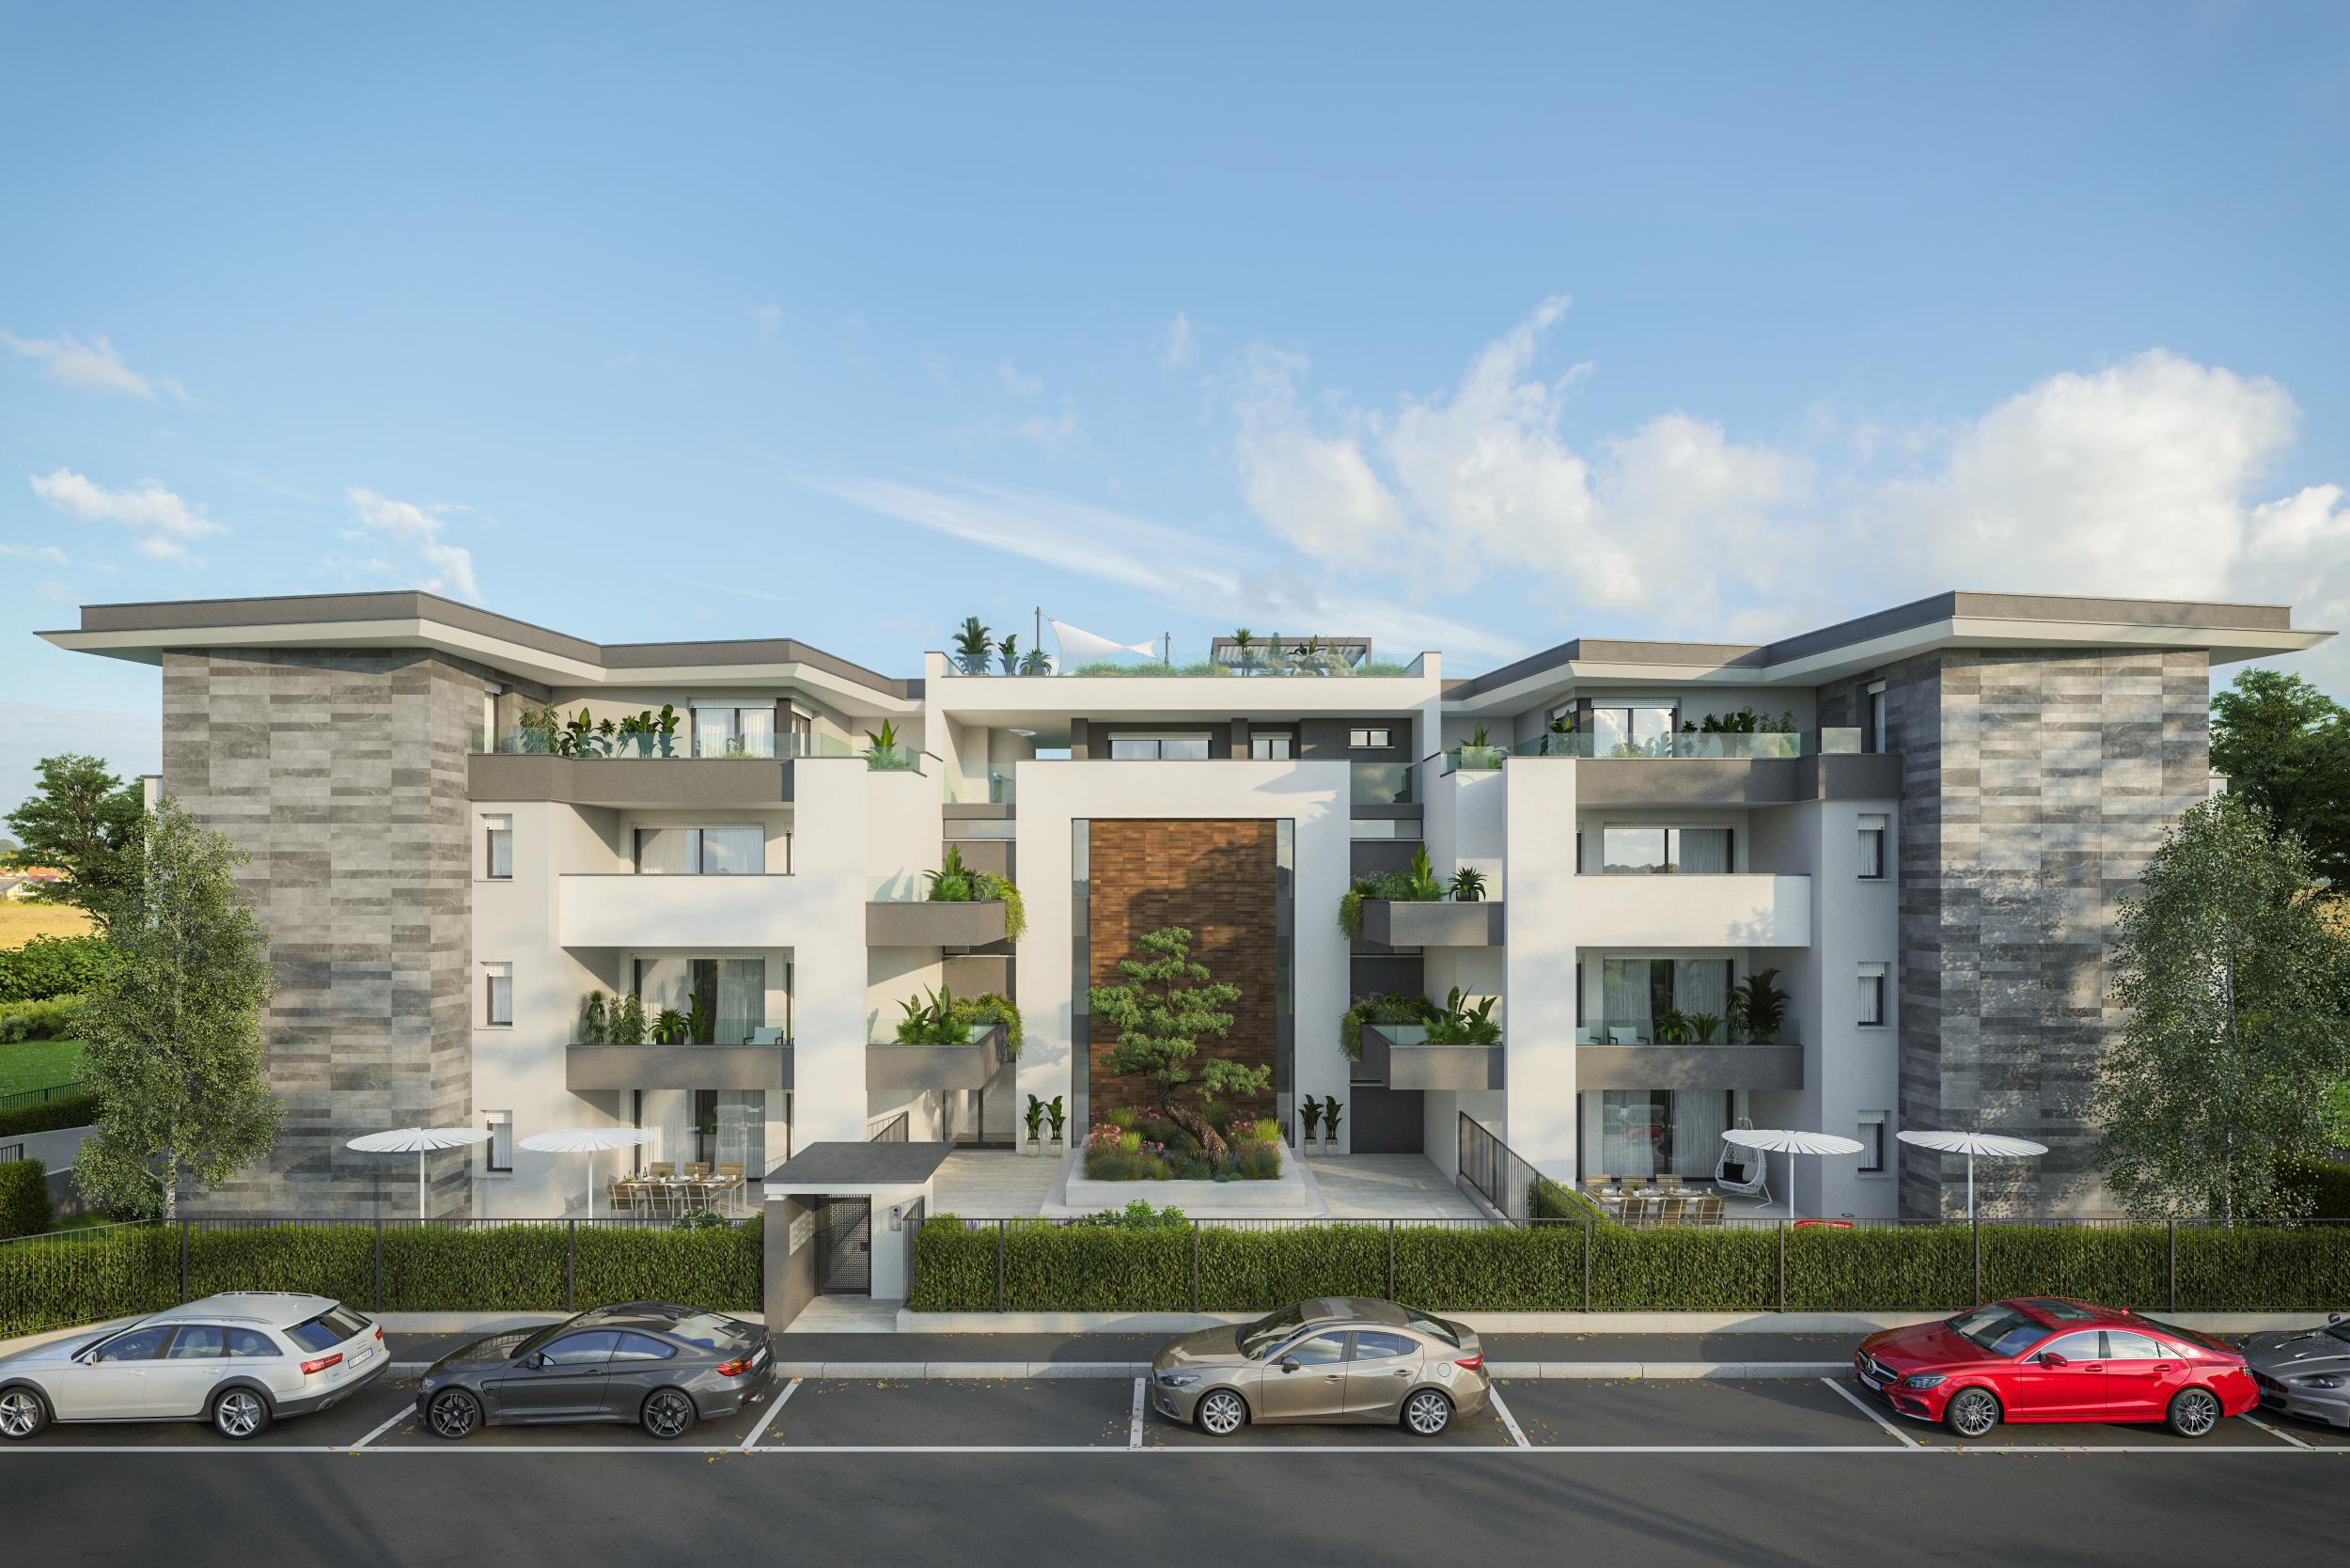 Nuove Costruzioni Olgiate Comasco nuove costruzioni – gruppo aredil